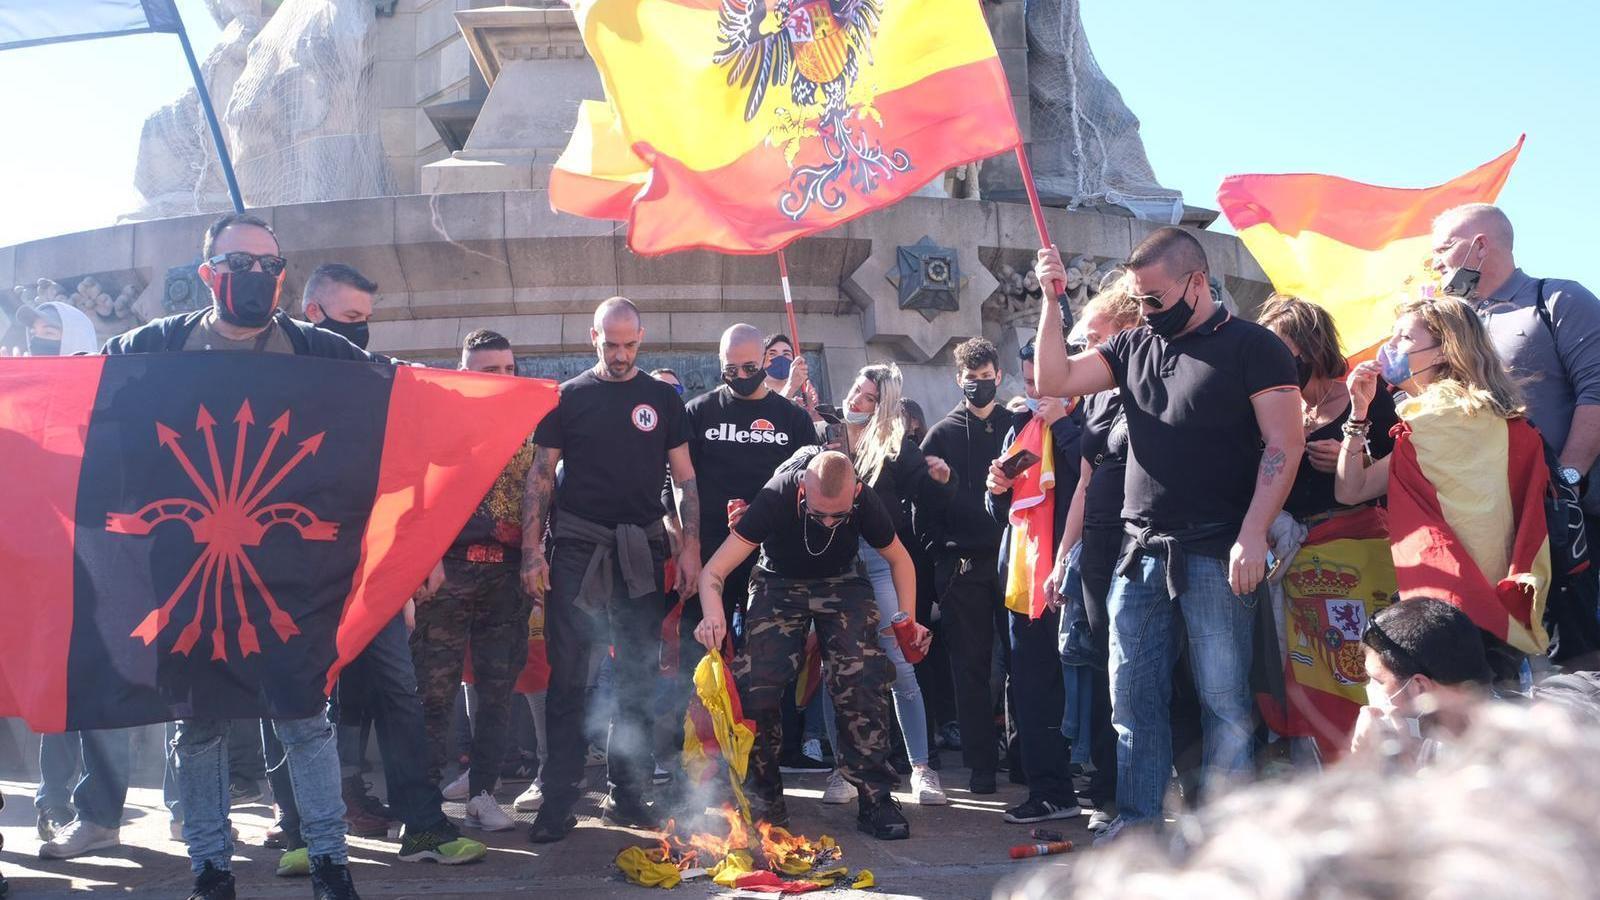 """Crema d'estelades i crits de """"Mort al separatista"""": l'extrema dreta s'exhibeix sense complexos al centre de Barcelona"""